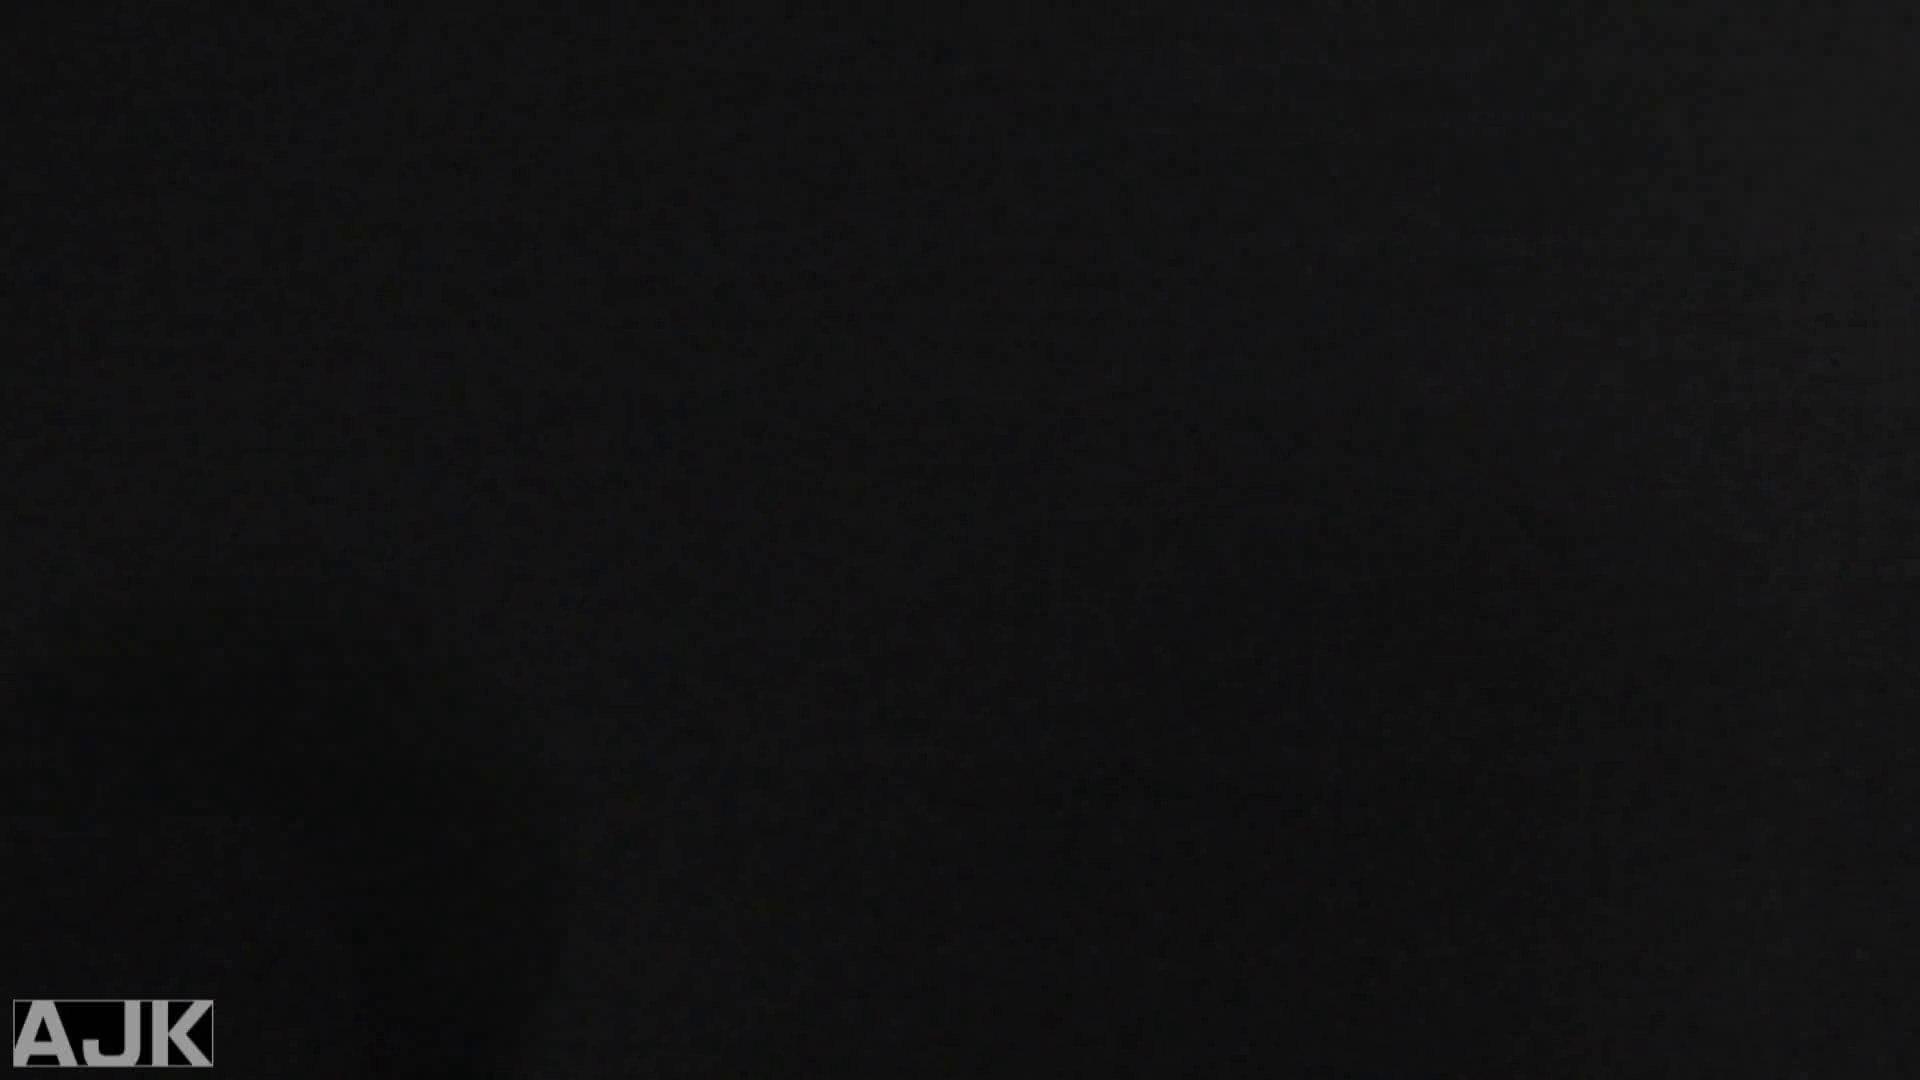 隣国上階級エリアの令嬢たちが集うデパートお手洗い Vol.25 洗面所 オマンコ無修正動画無料 105画像 79